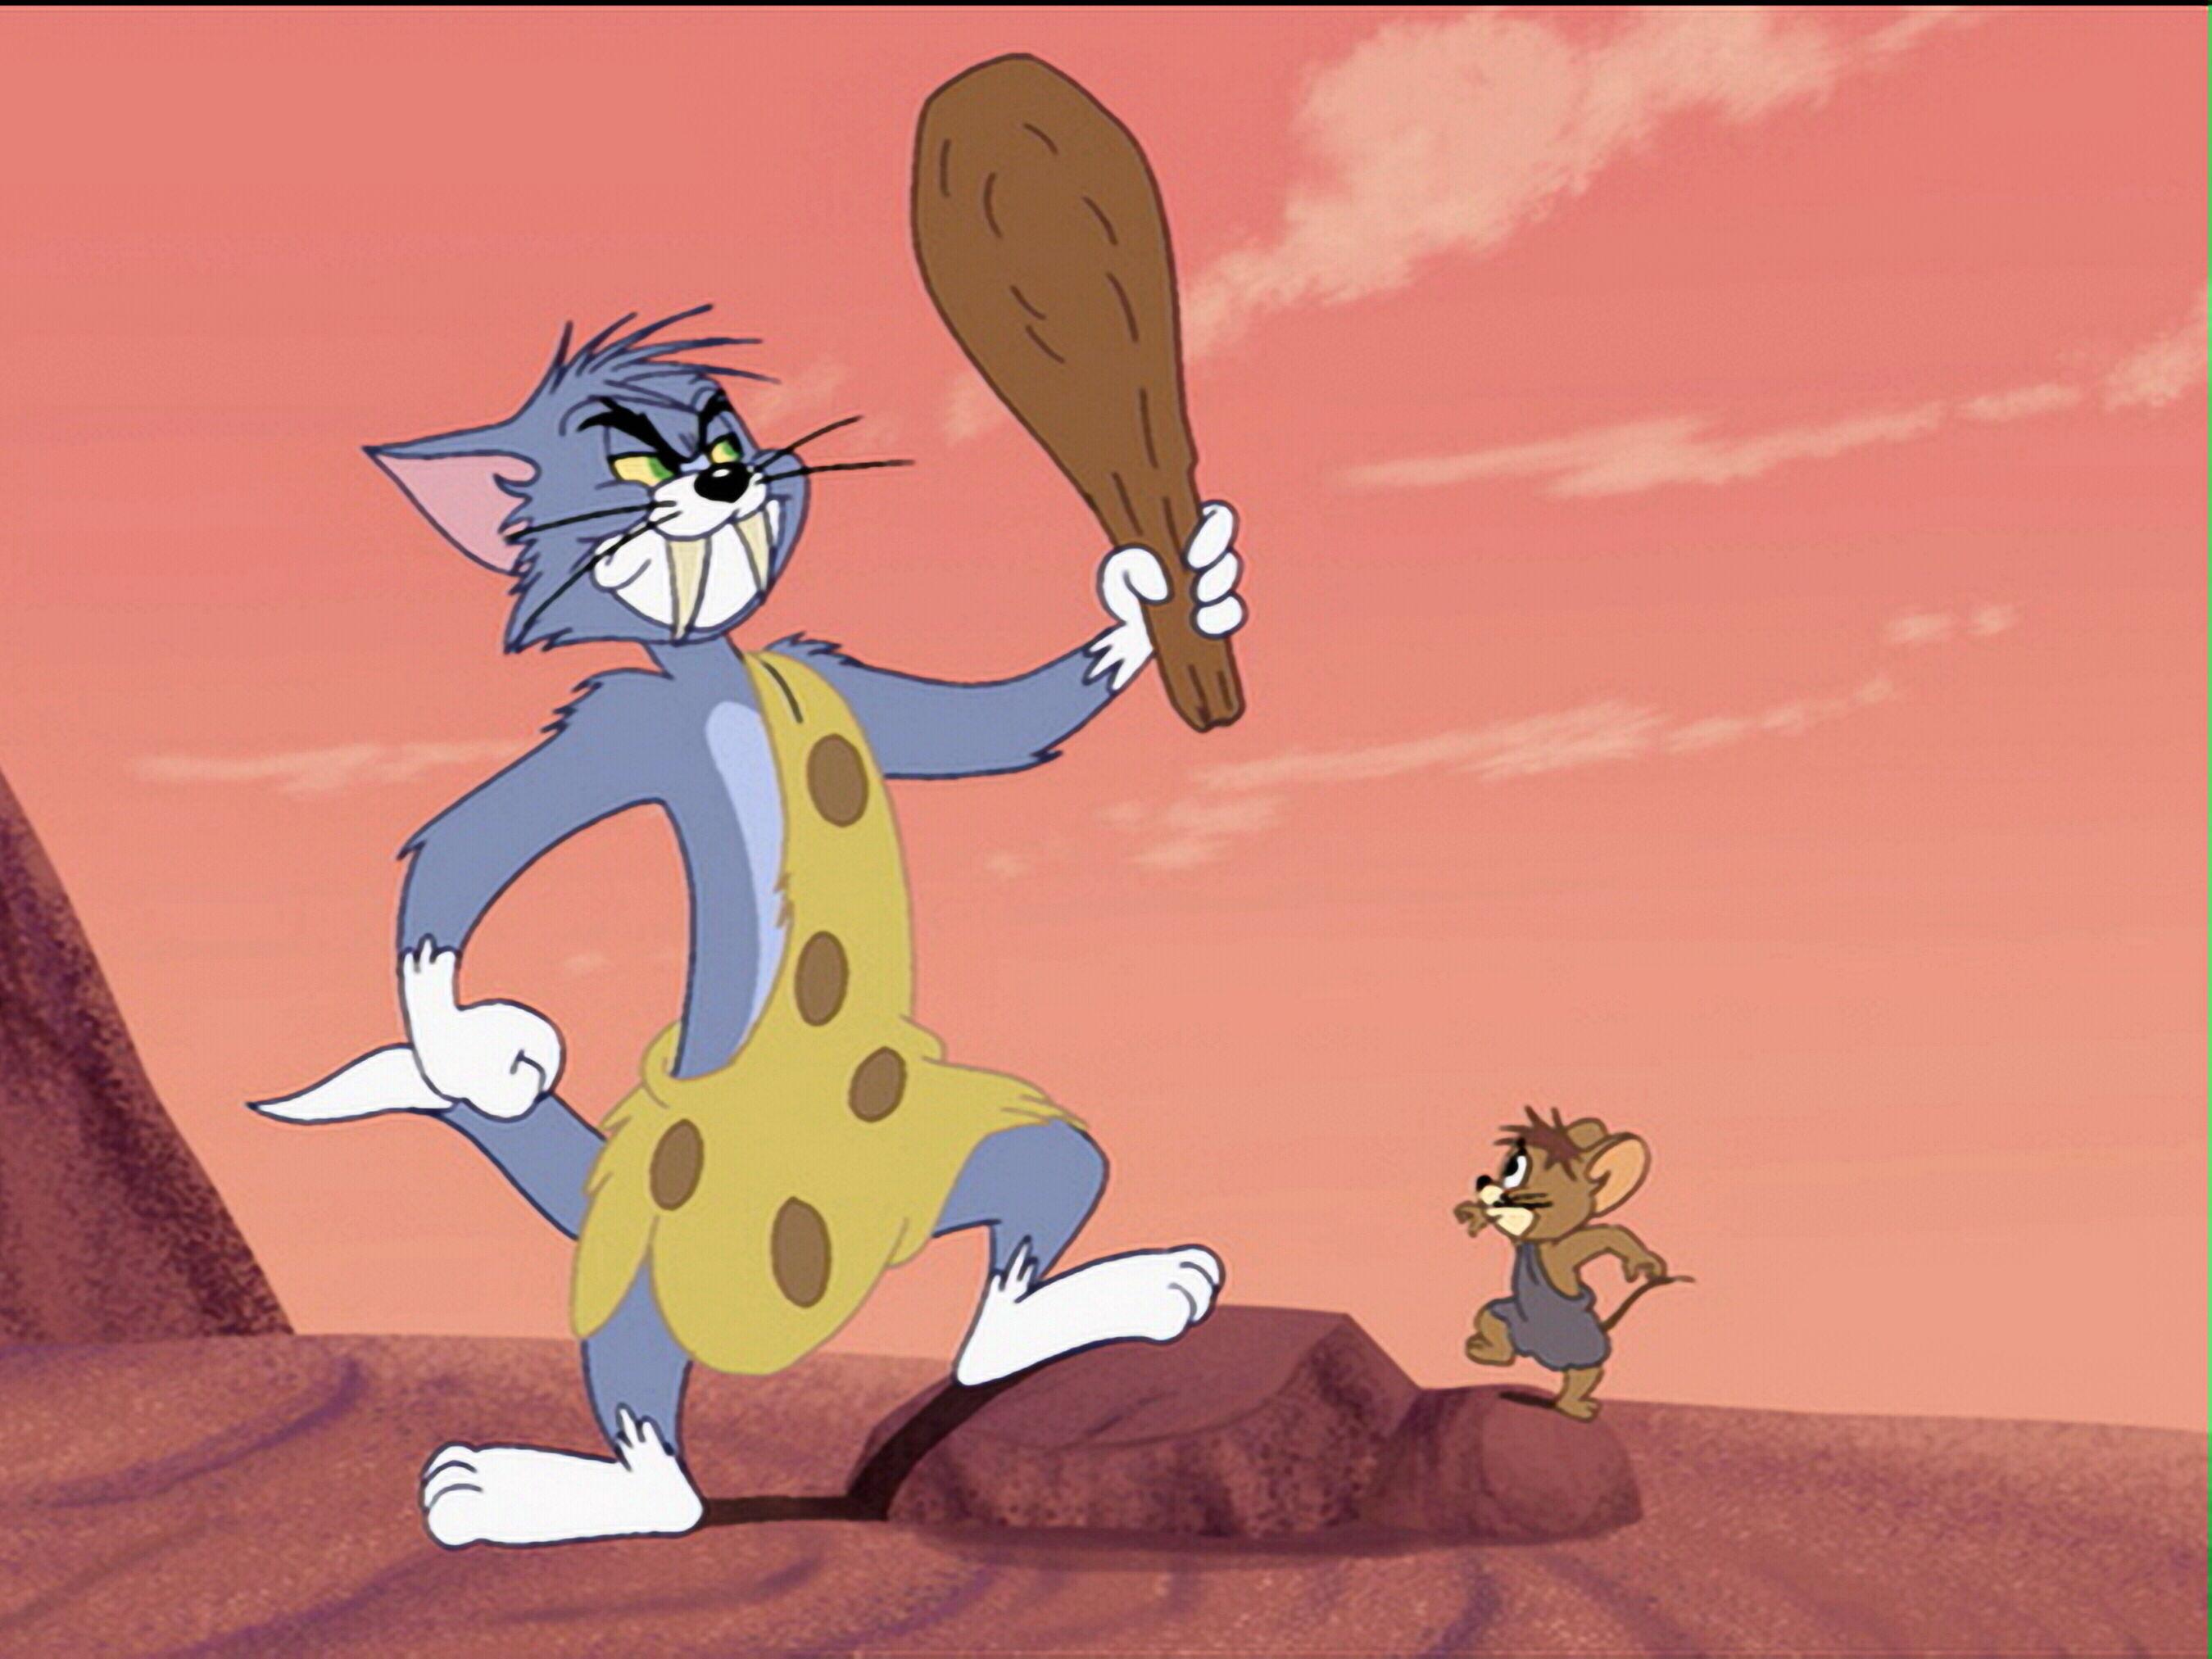 Tom U Jerry